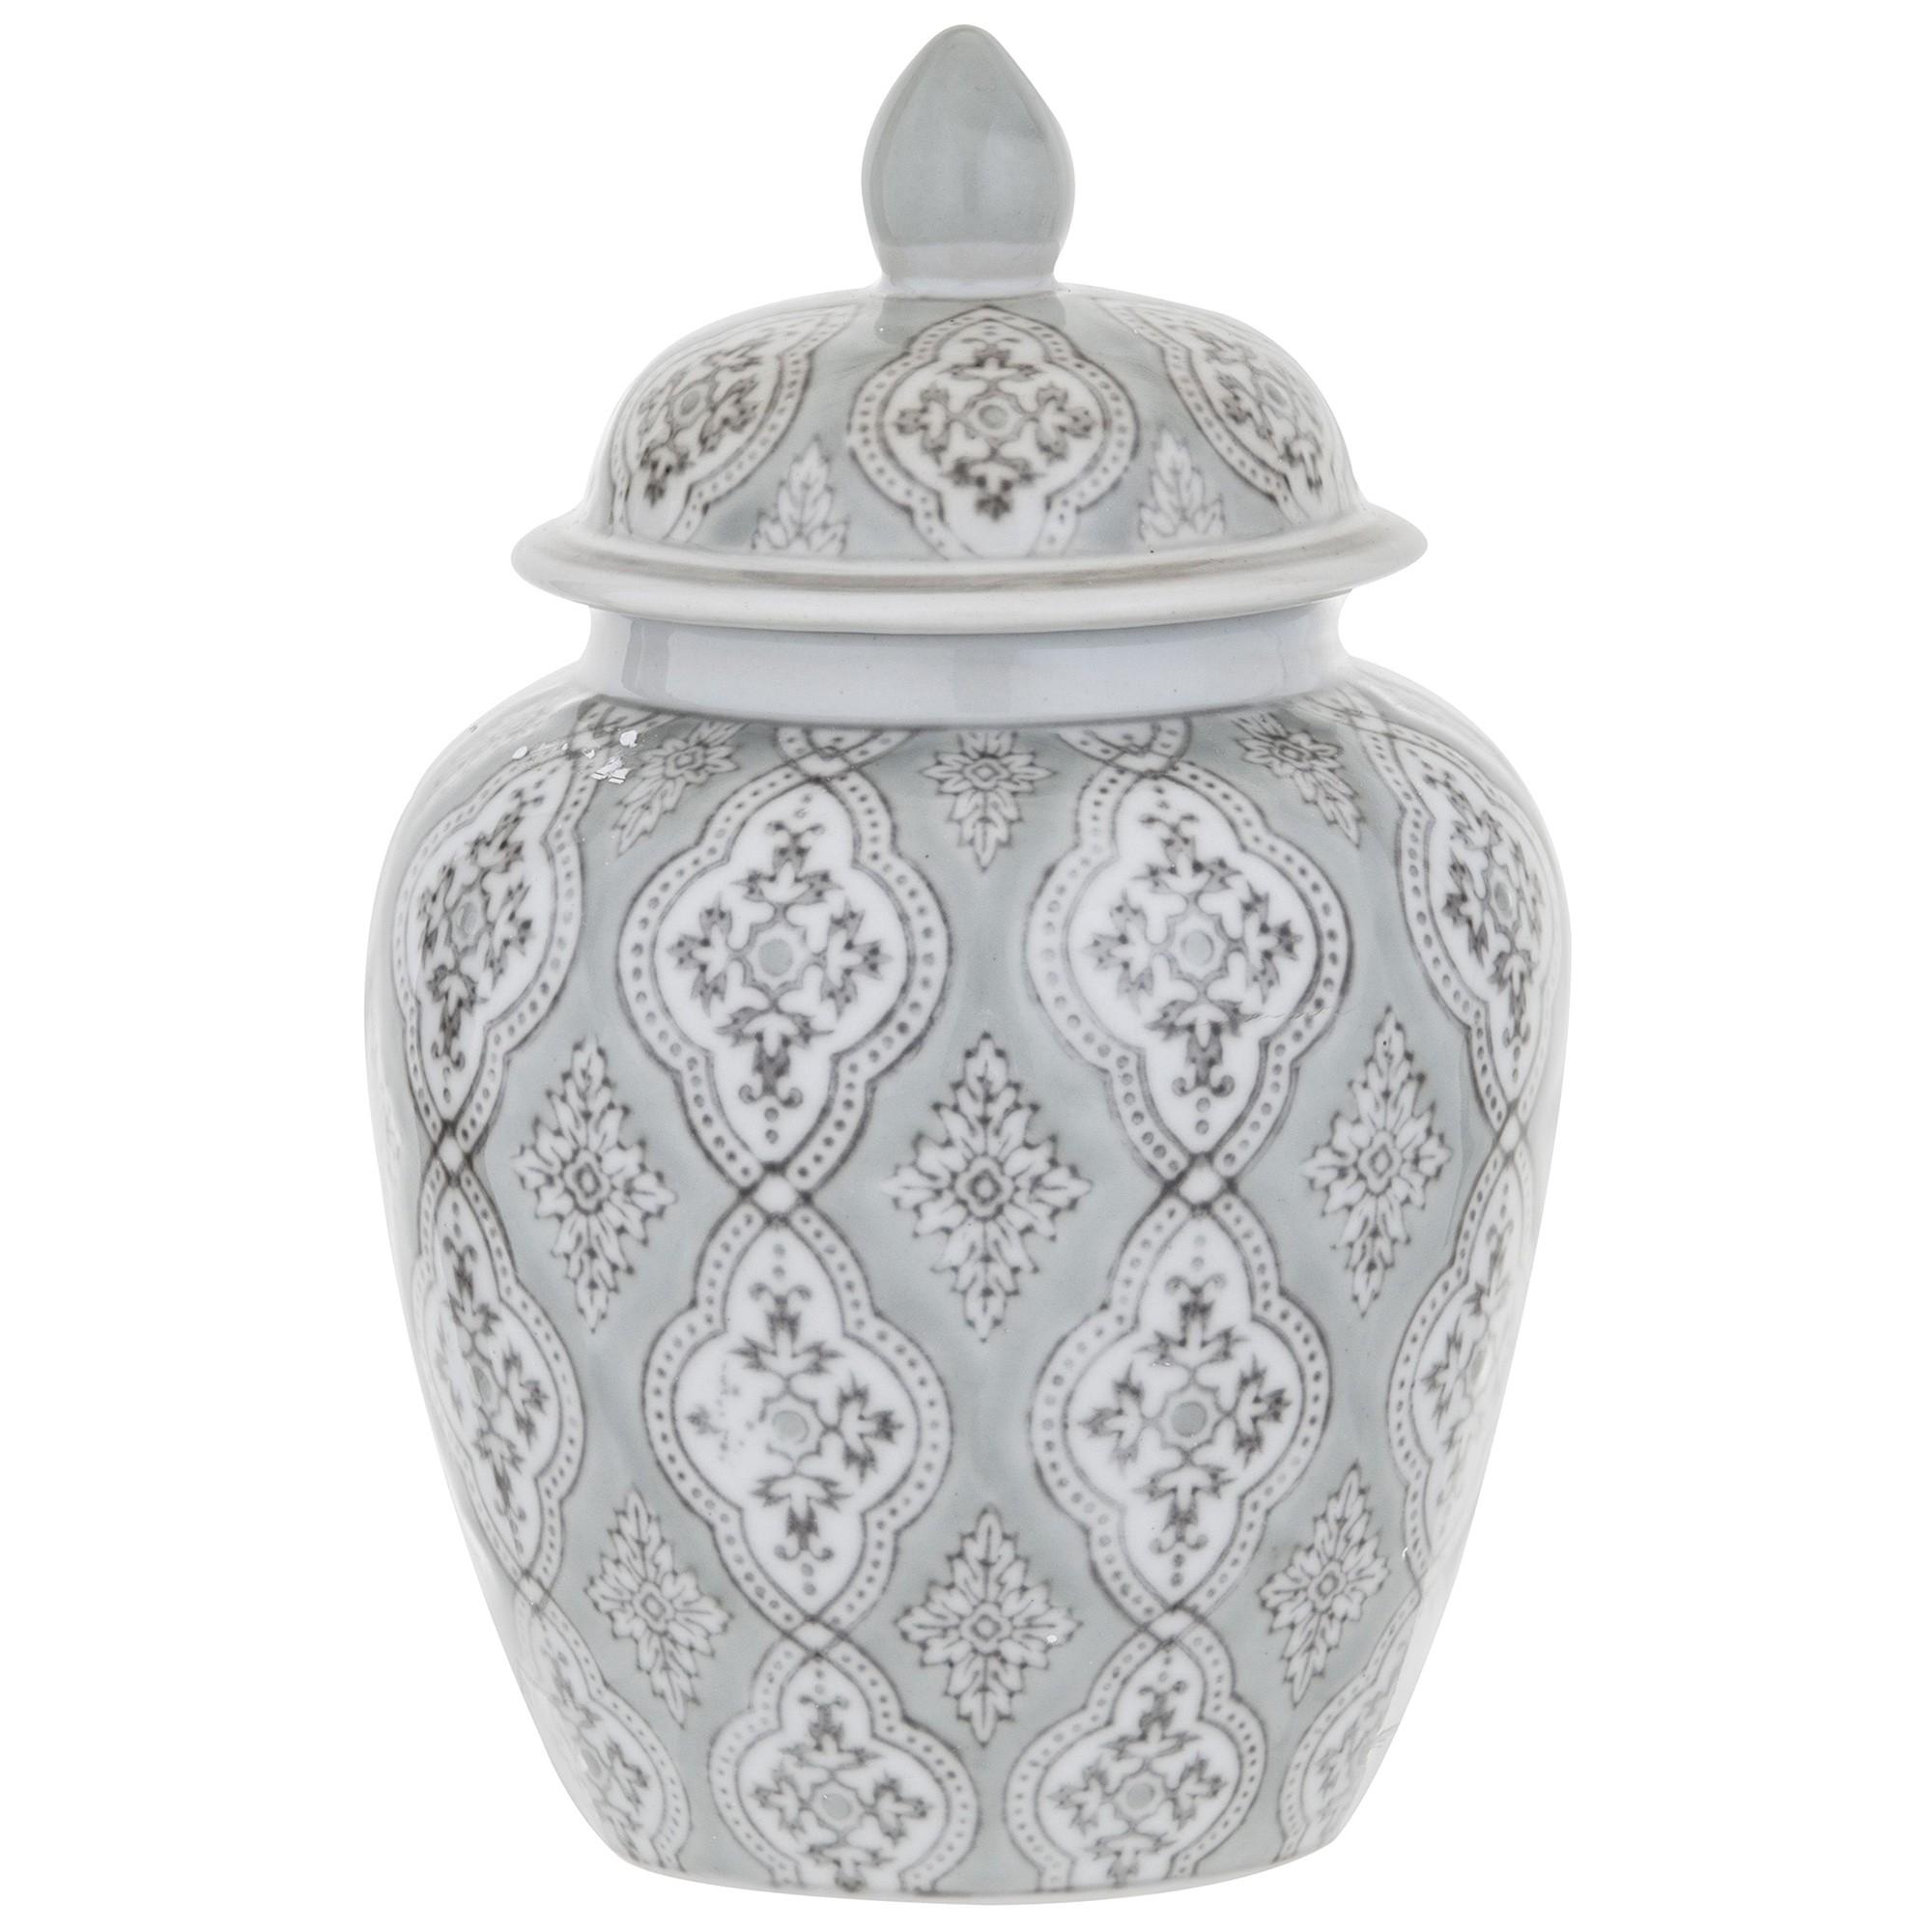 Allette Hand Painted Ceramic Ginger Jar